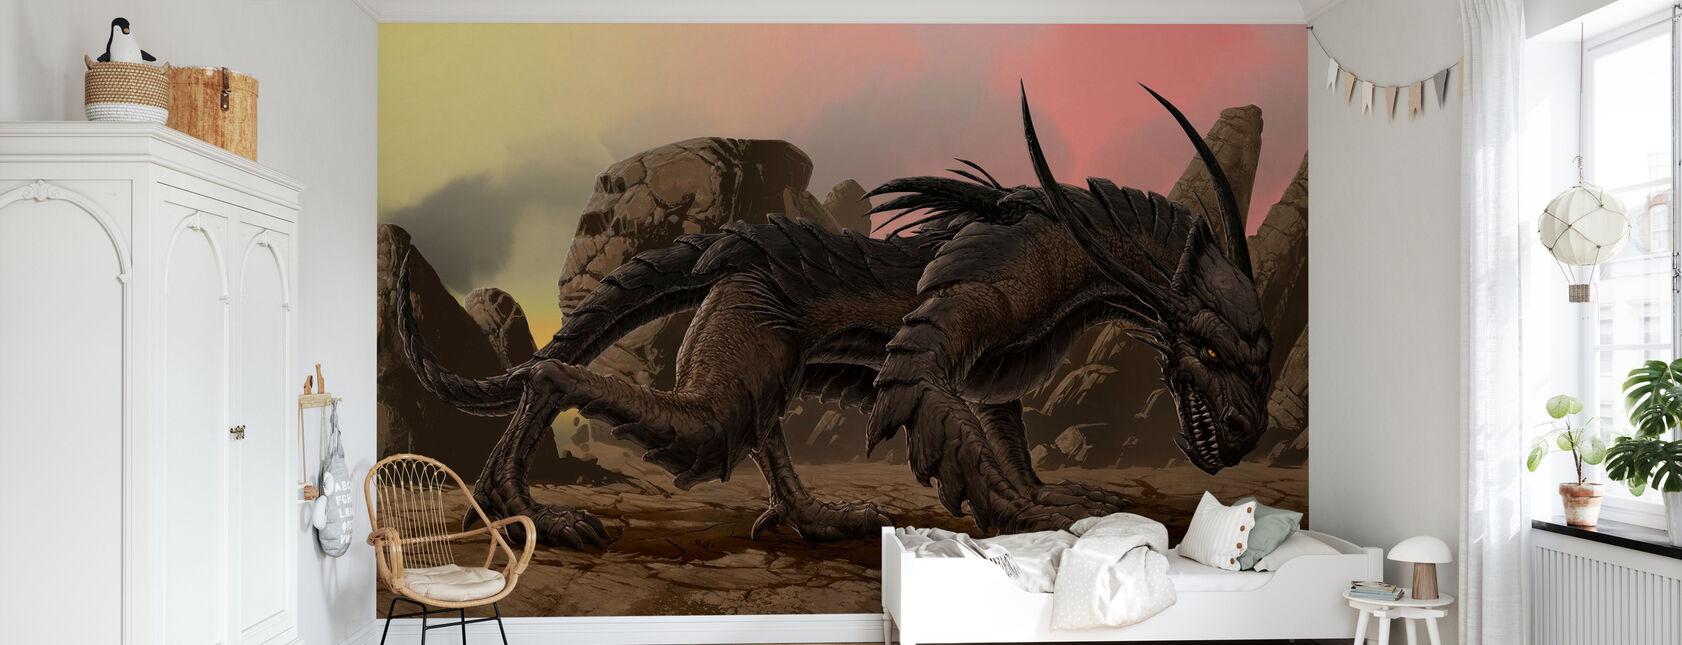 Dracor - Tapetti - Lastenhuone